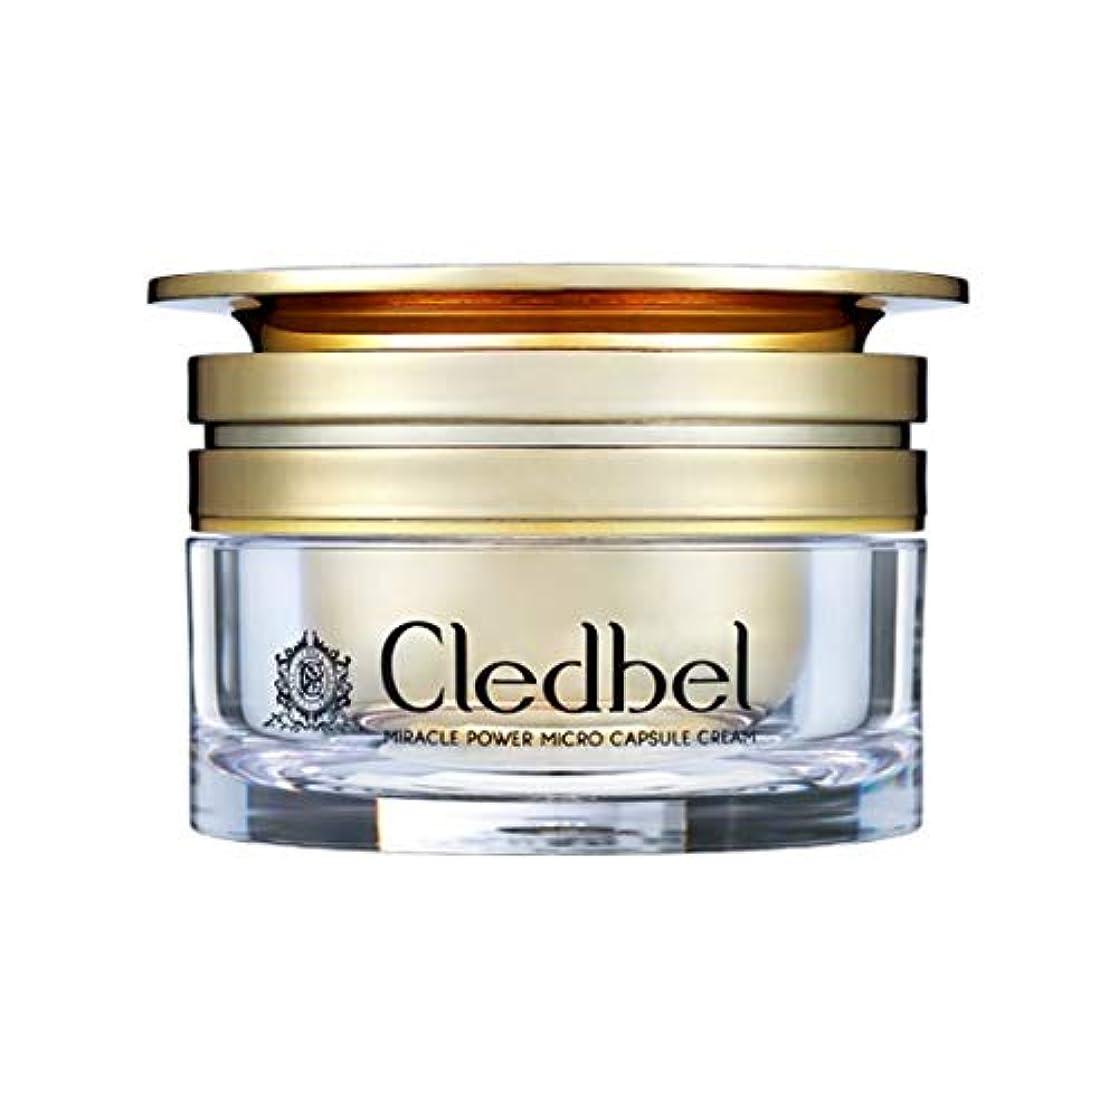 プロペラ令状ピッチャー[cledbel] Miracle Power Micro Capsule Cream 50ml / ミラクルパワーマイクロカプセルクリーム 50ml [並行輸入品]